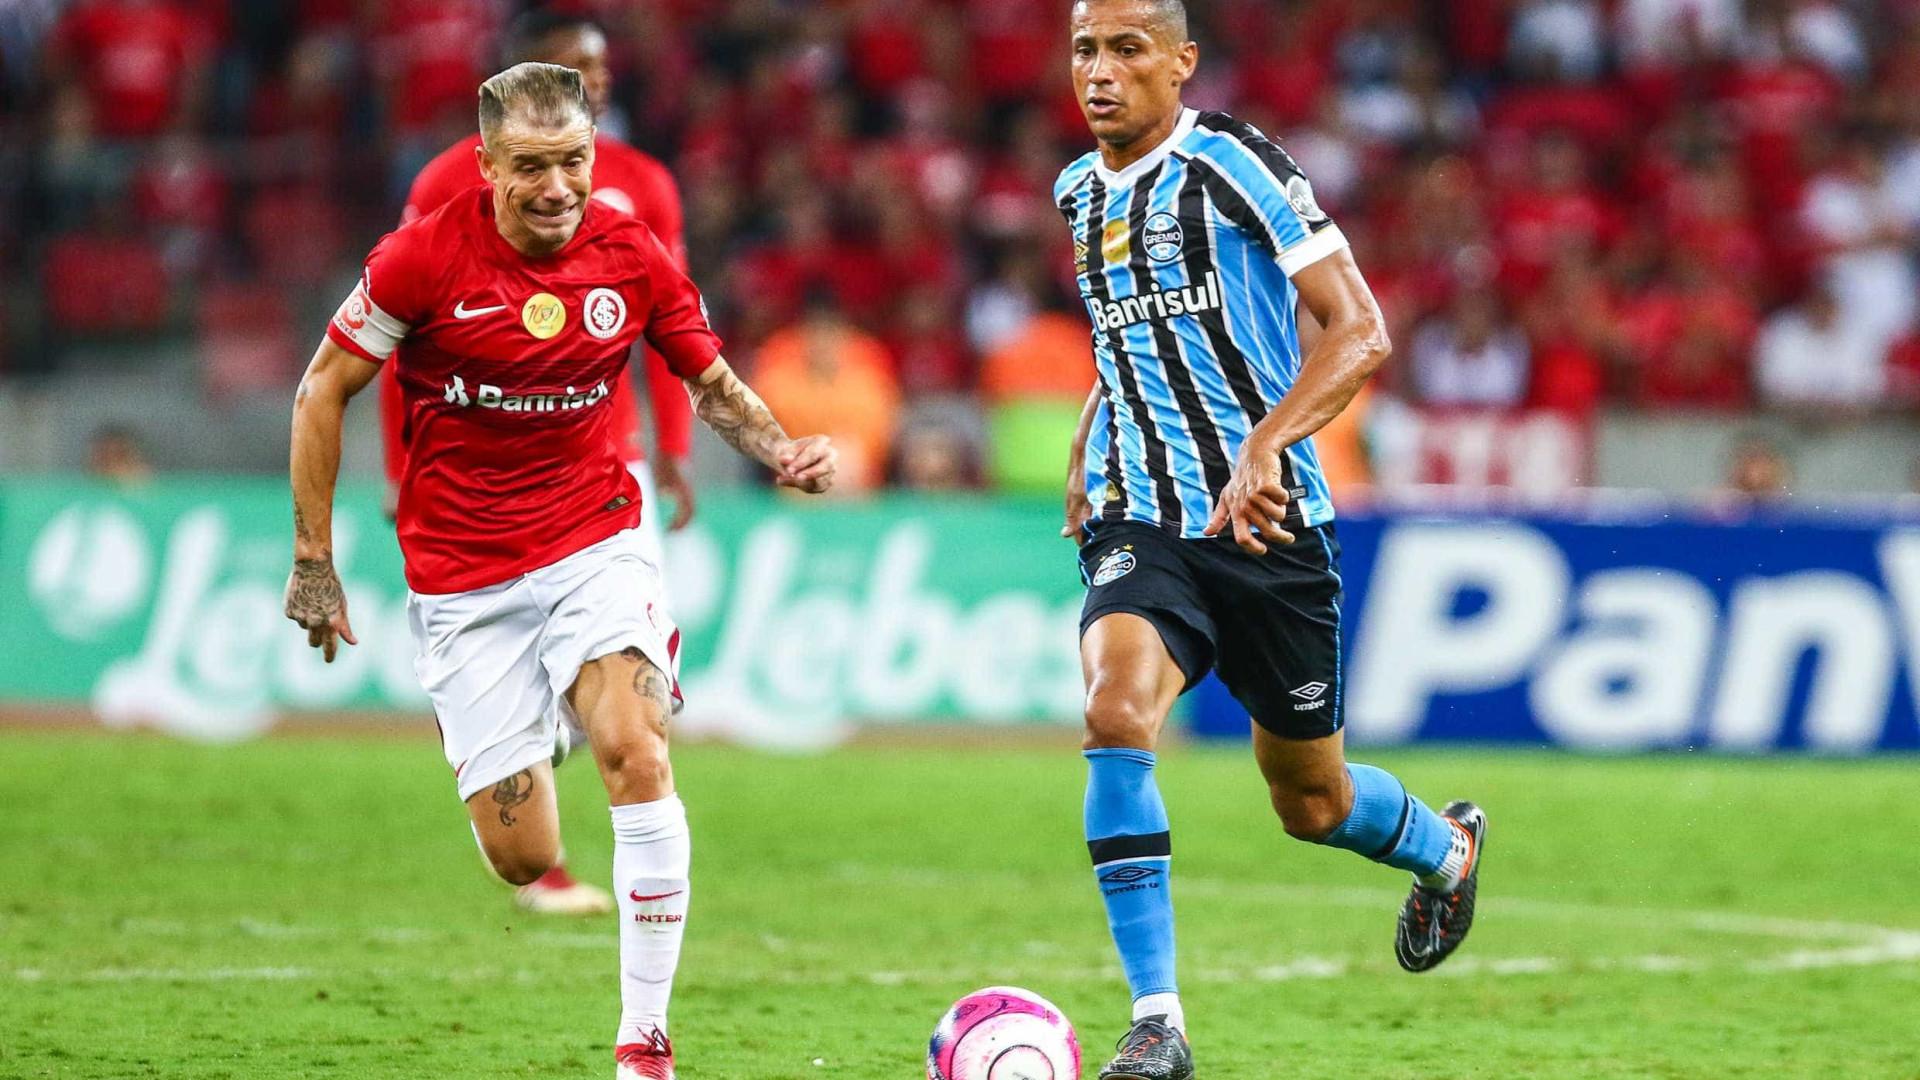 Odair fecha treino e faz mistério no Inter para estreia no Brasileirão